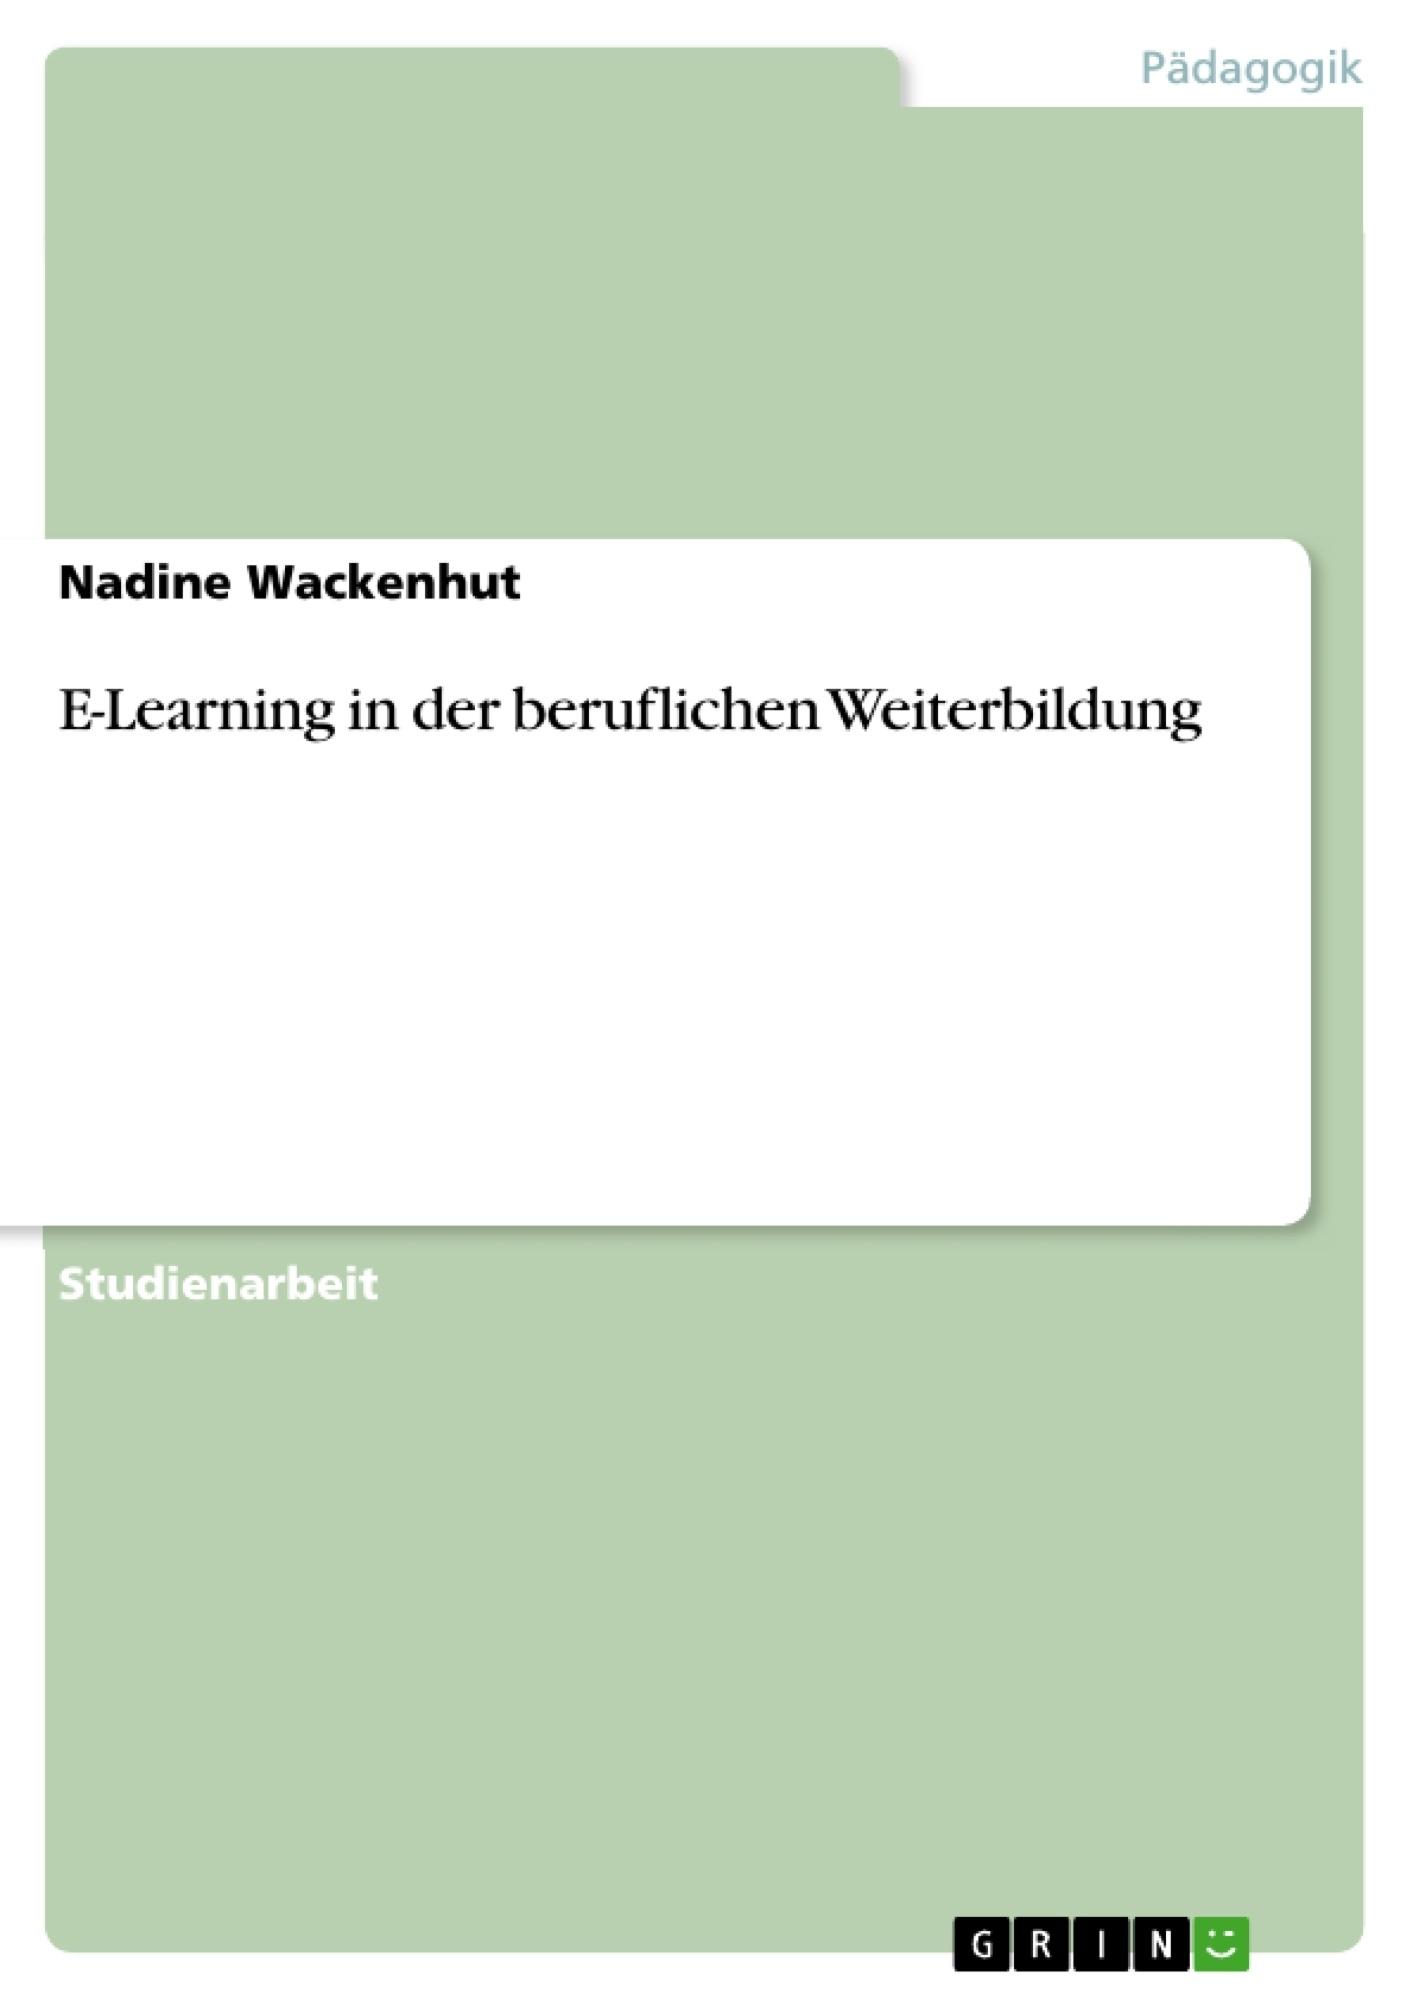 Titel: E-Learning in der beruflichen Weiterbildung